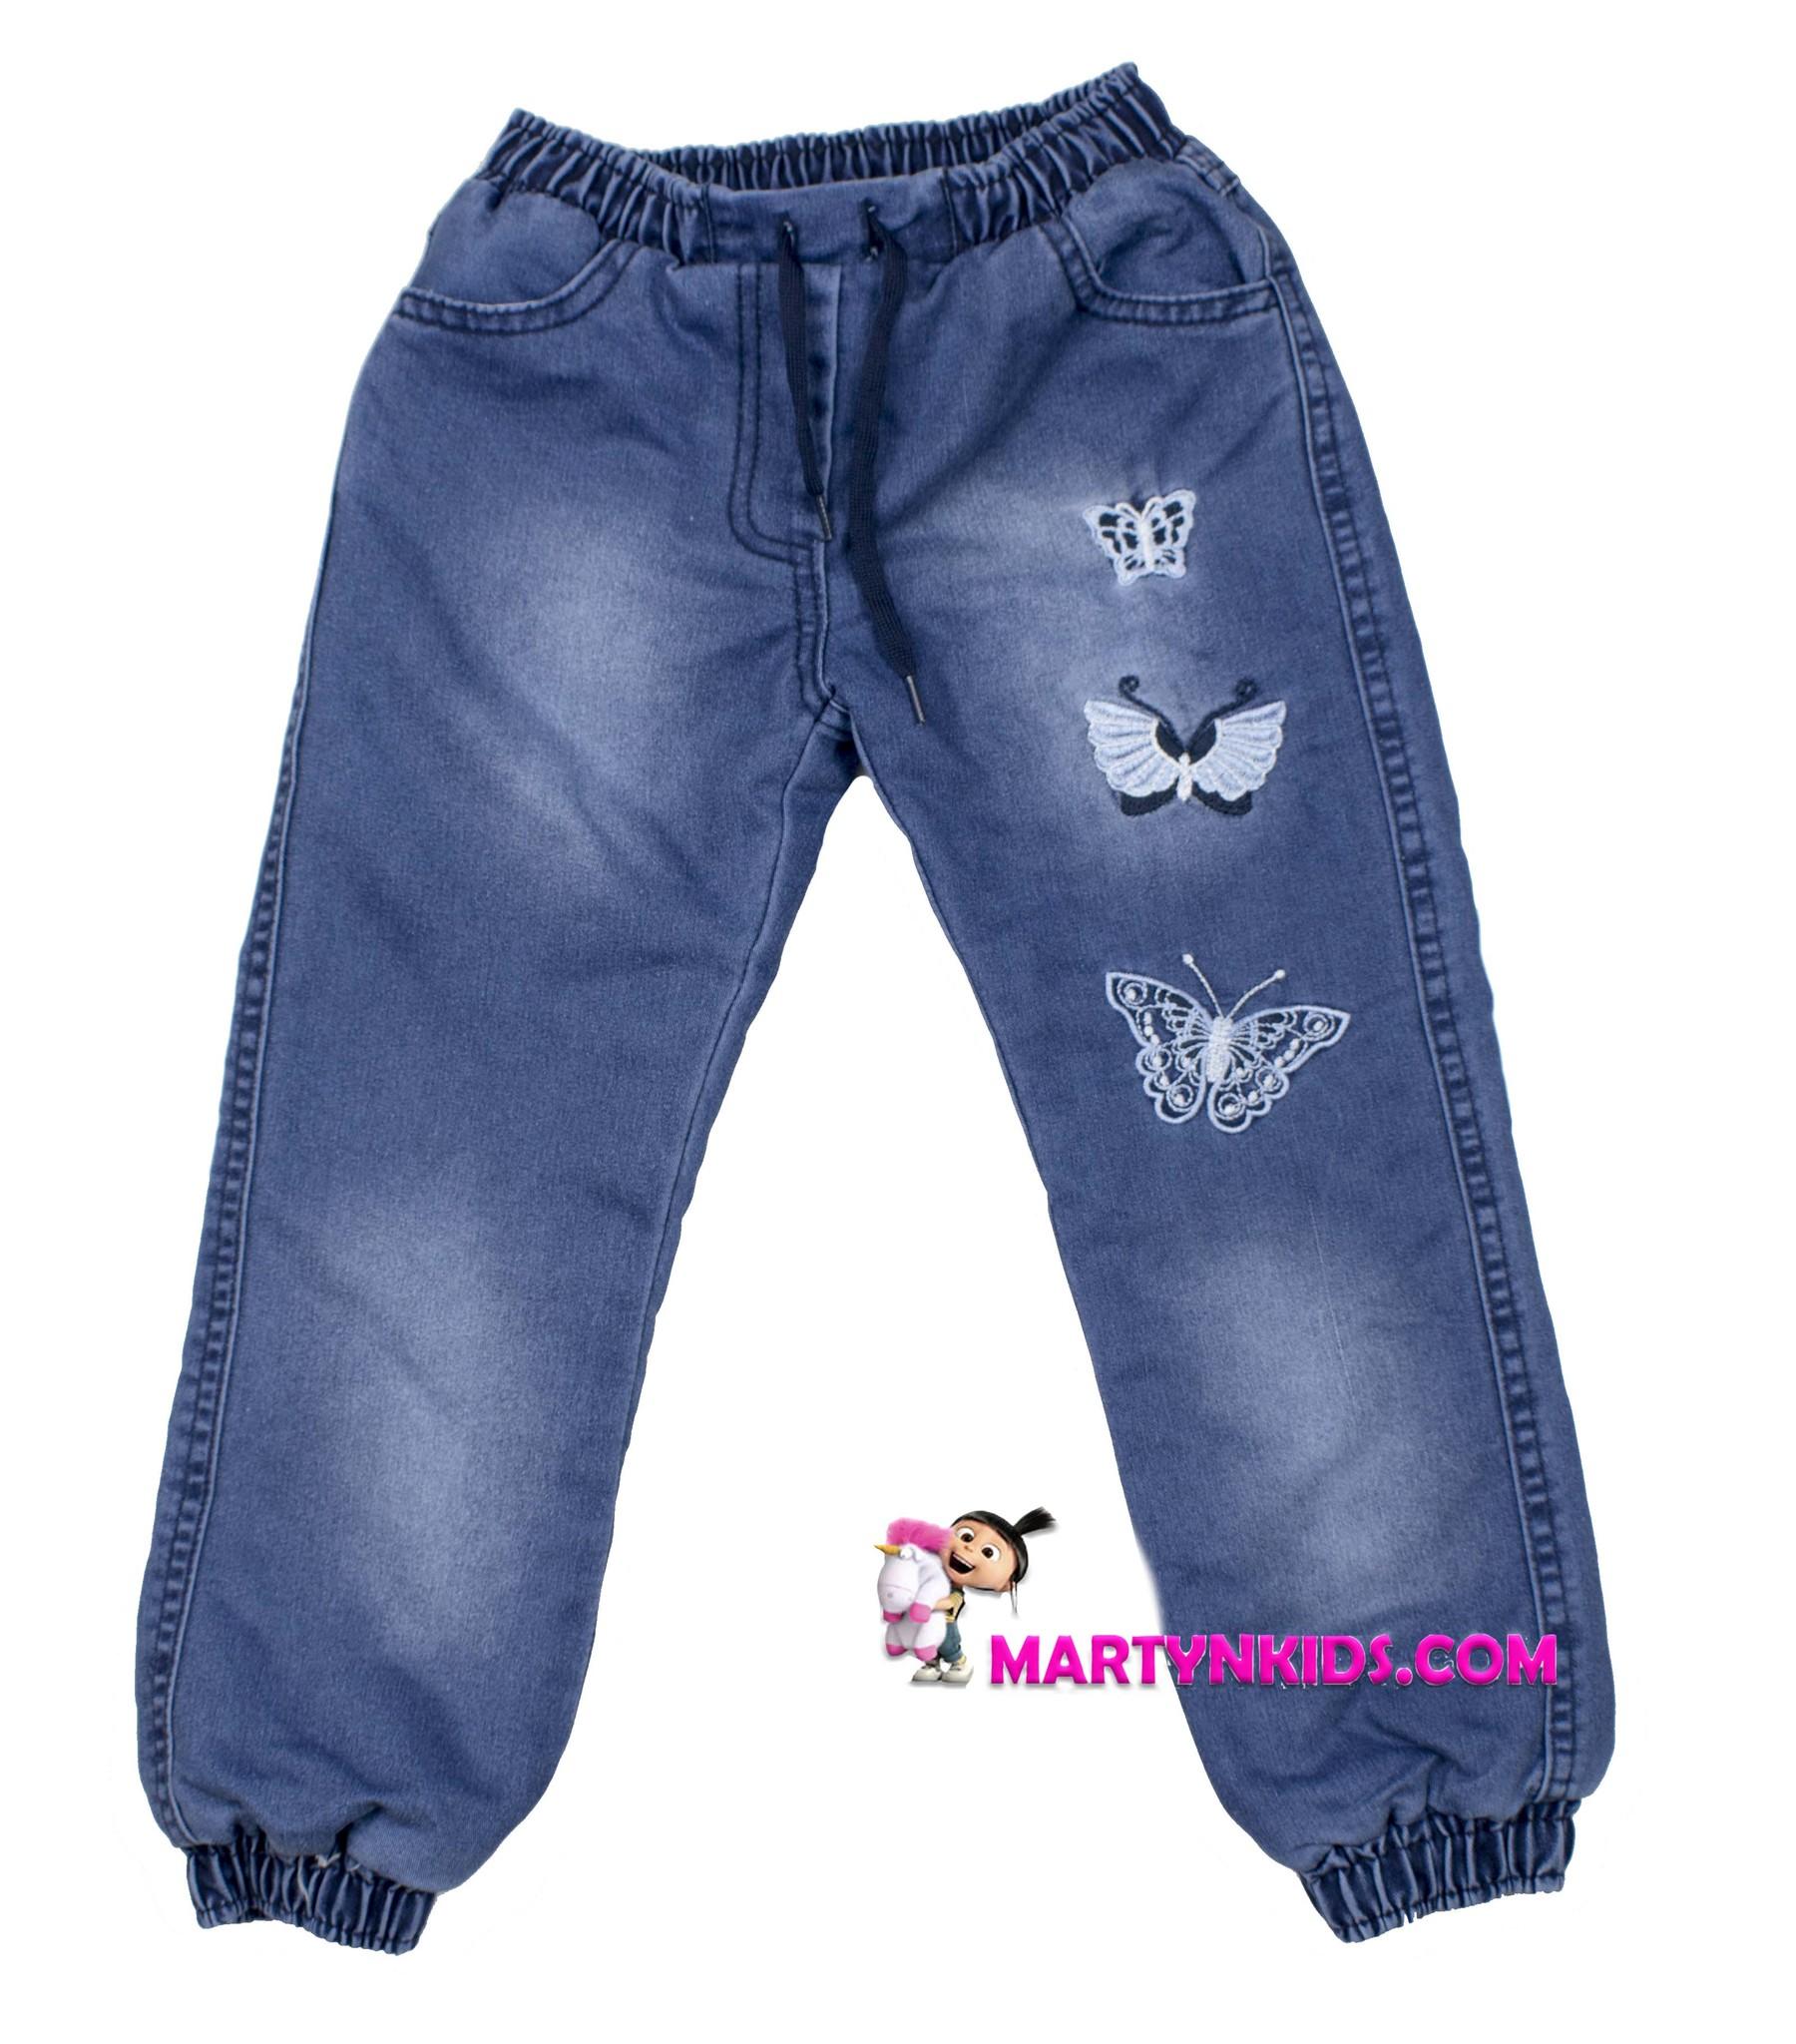 1810 джинсы теплые много бабочек